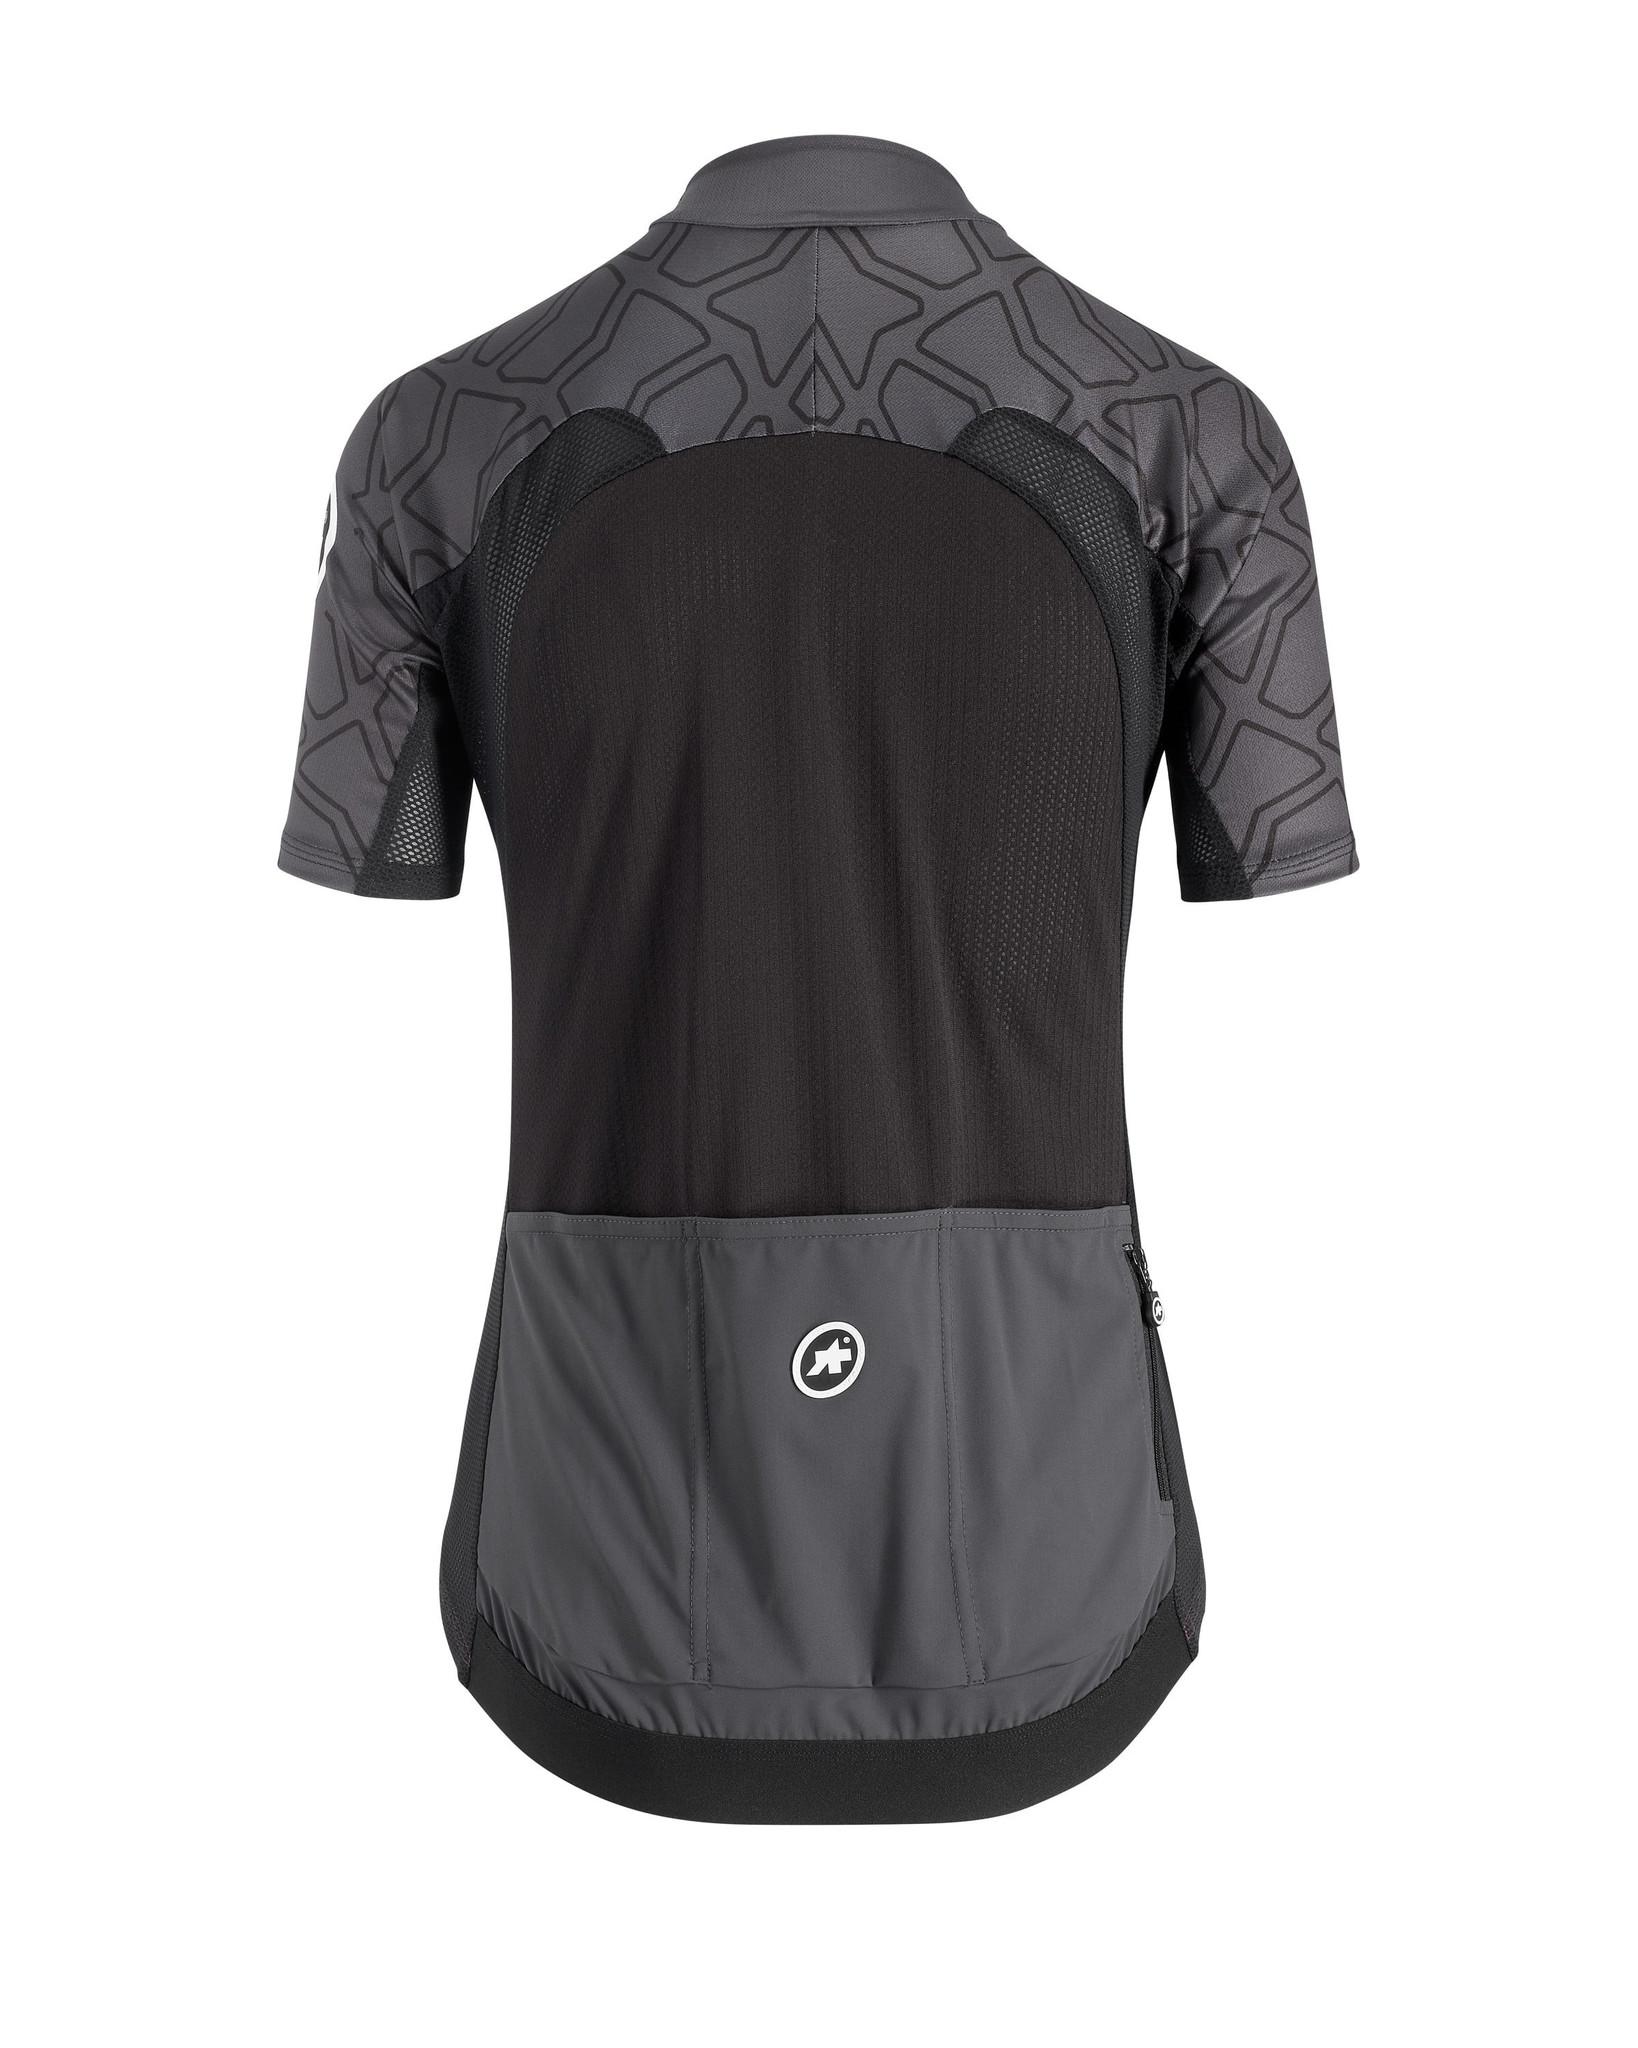 Assos Assos XC Shortsleeve jersey woman MTB Shirt Groen